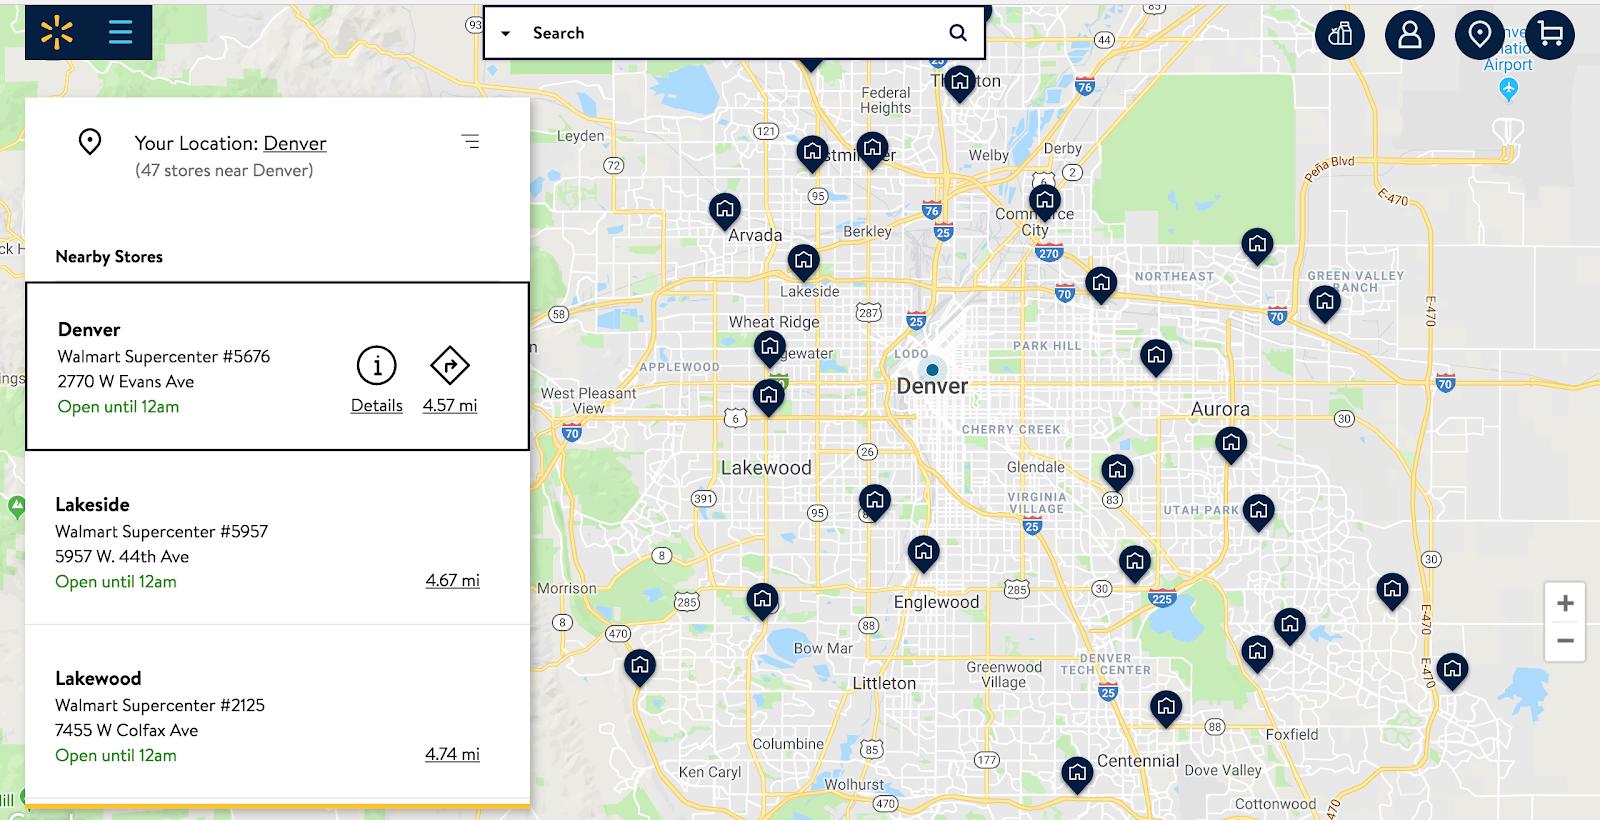 walmart-map-on-a-website